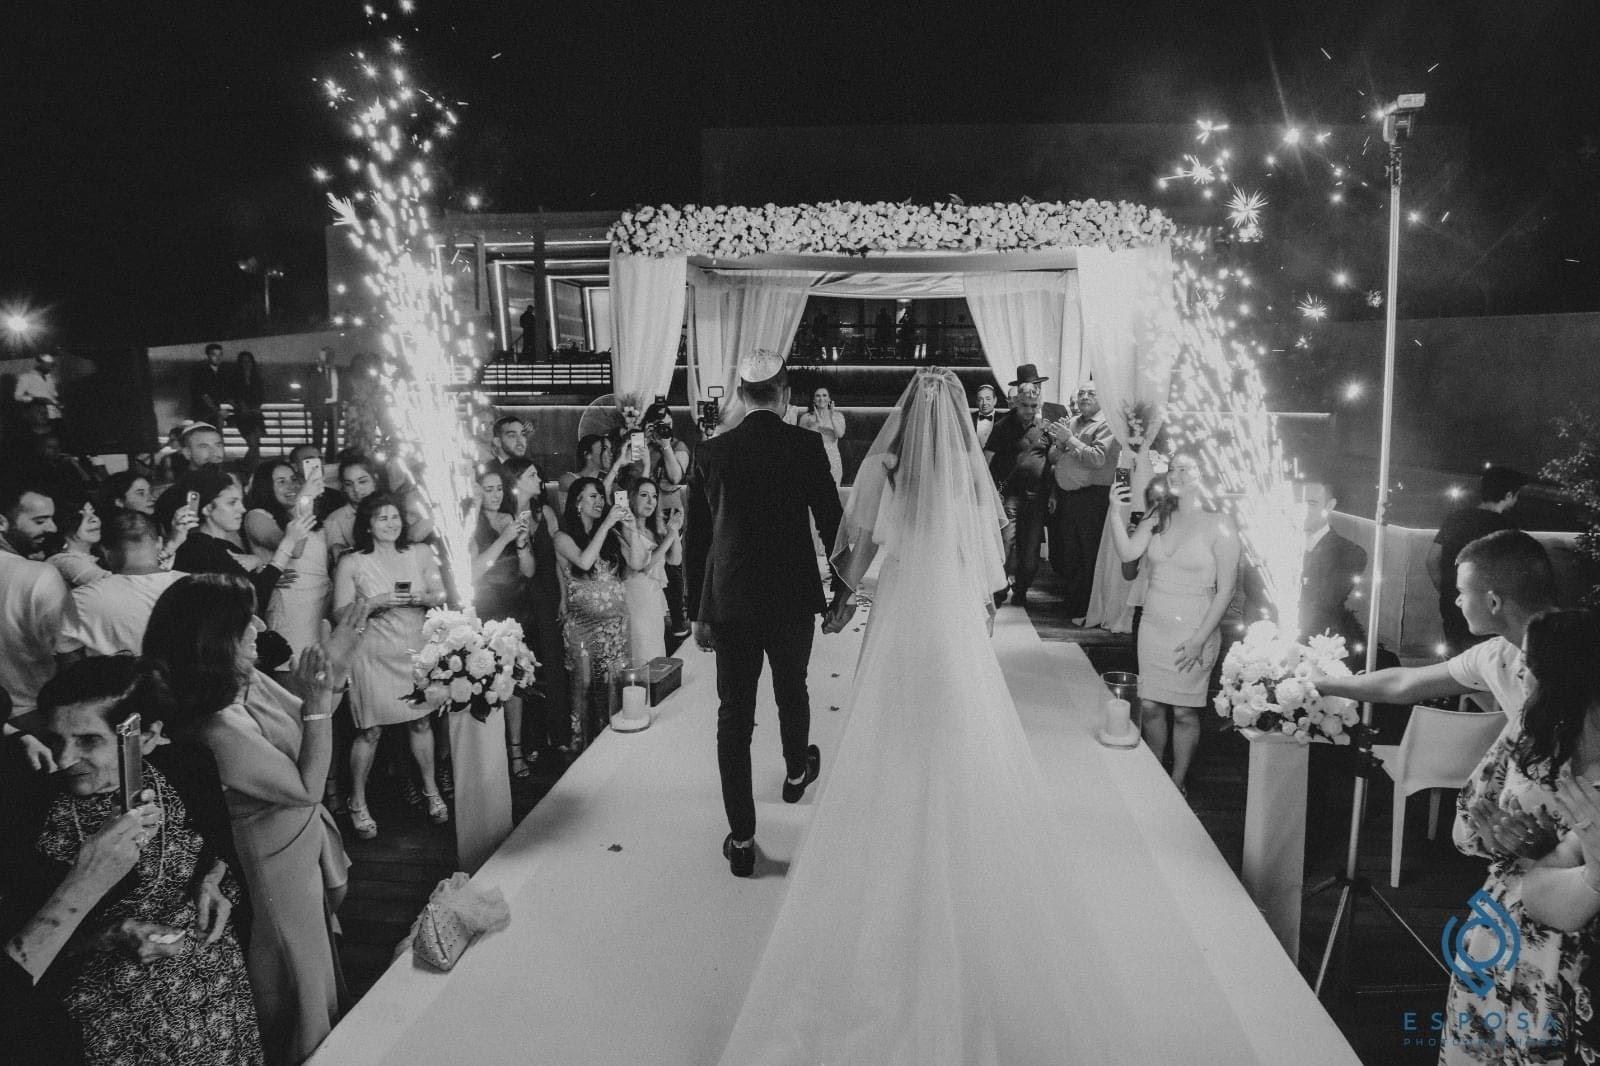 חתונה באמדו - צילום אספוסה